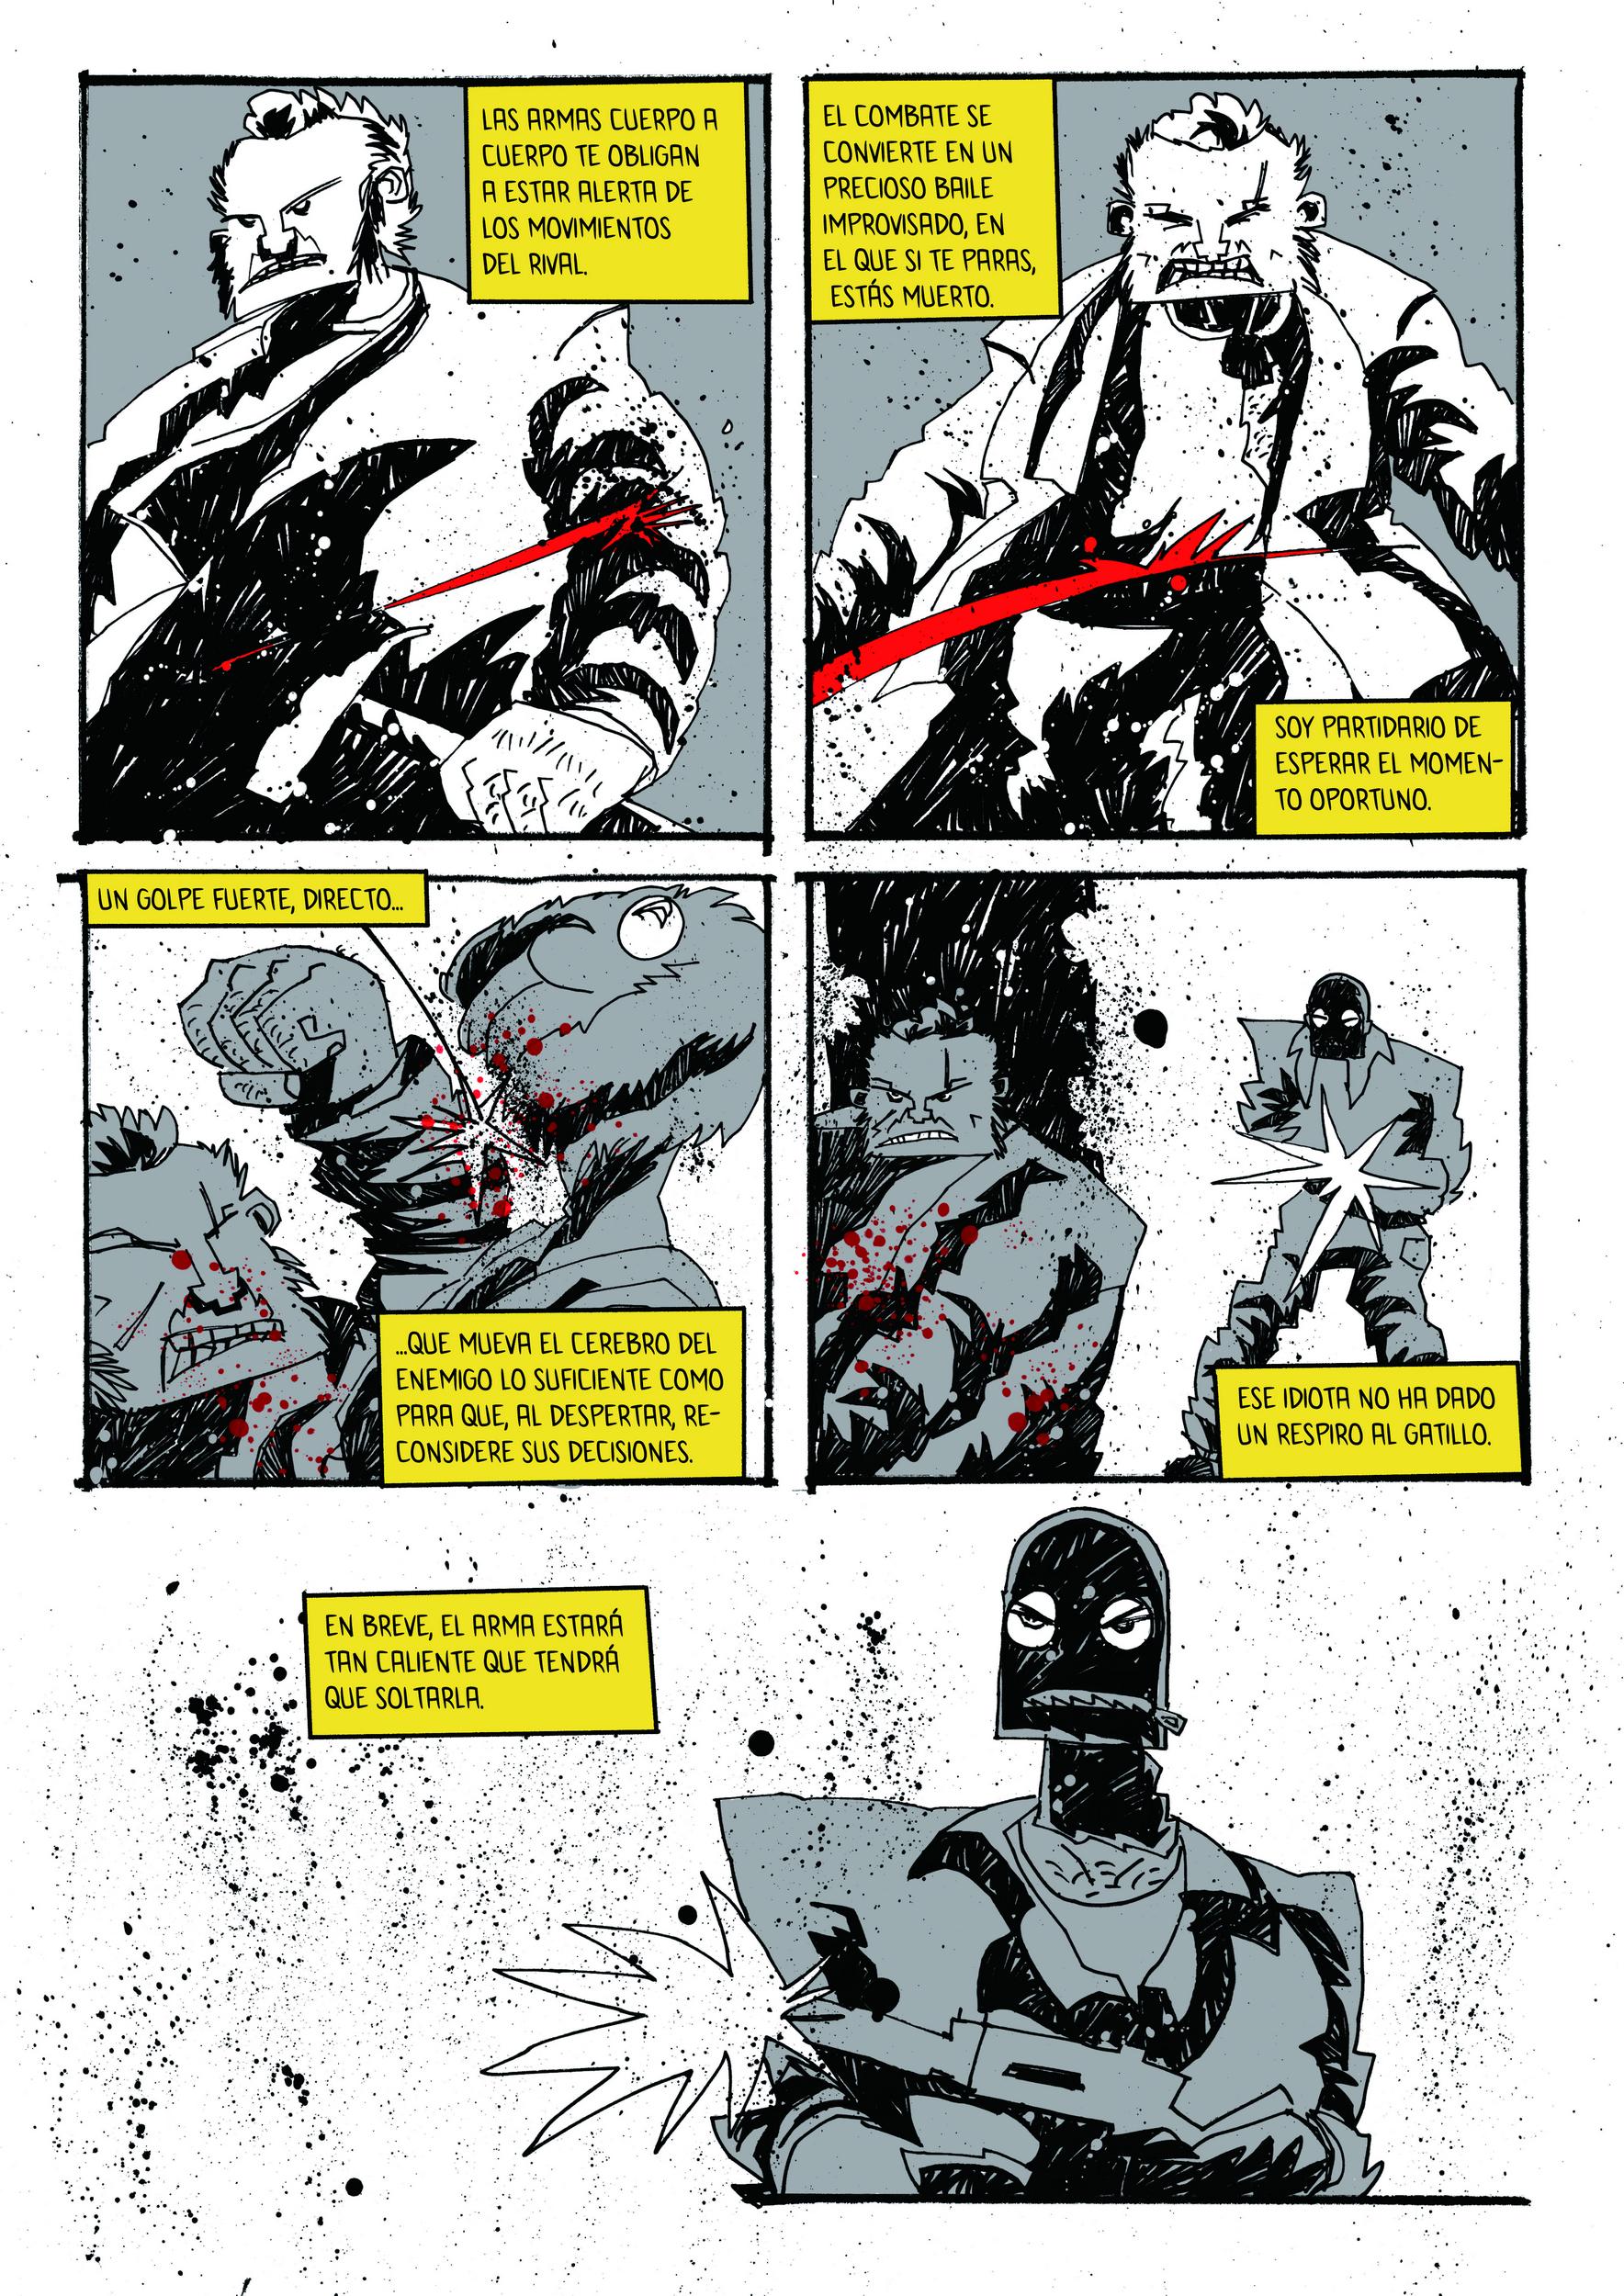 05_Hugo Martín Crespo y Alejandro Cruz Santana_Grind_pagina00016_2500_0029